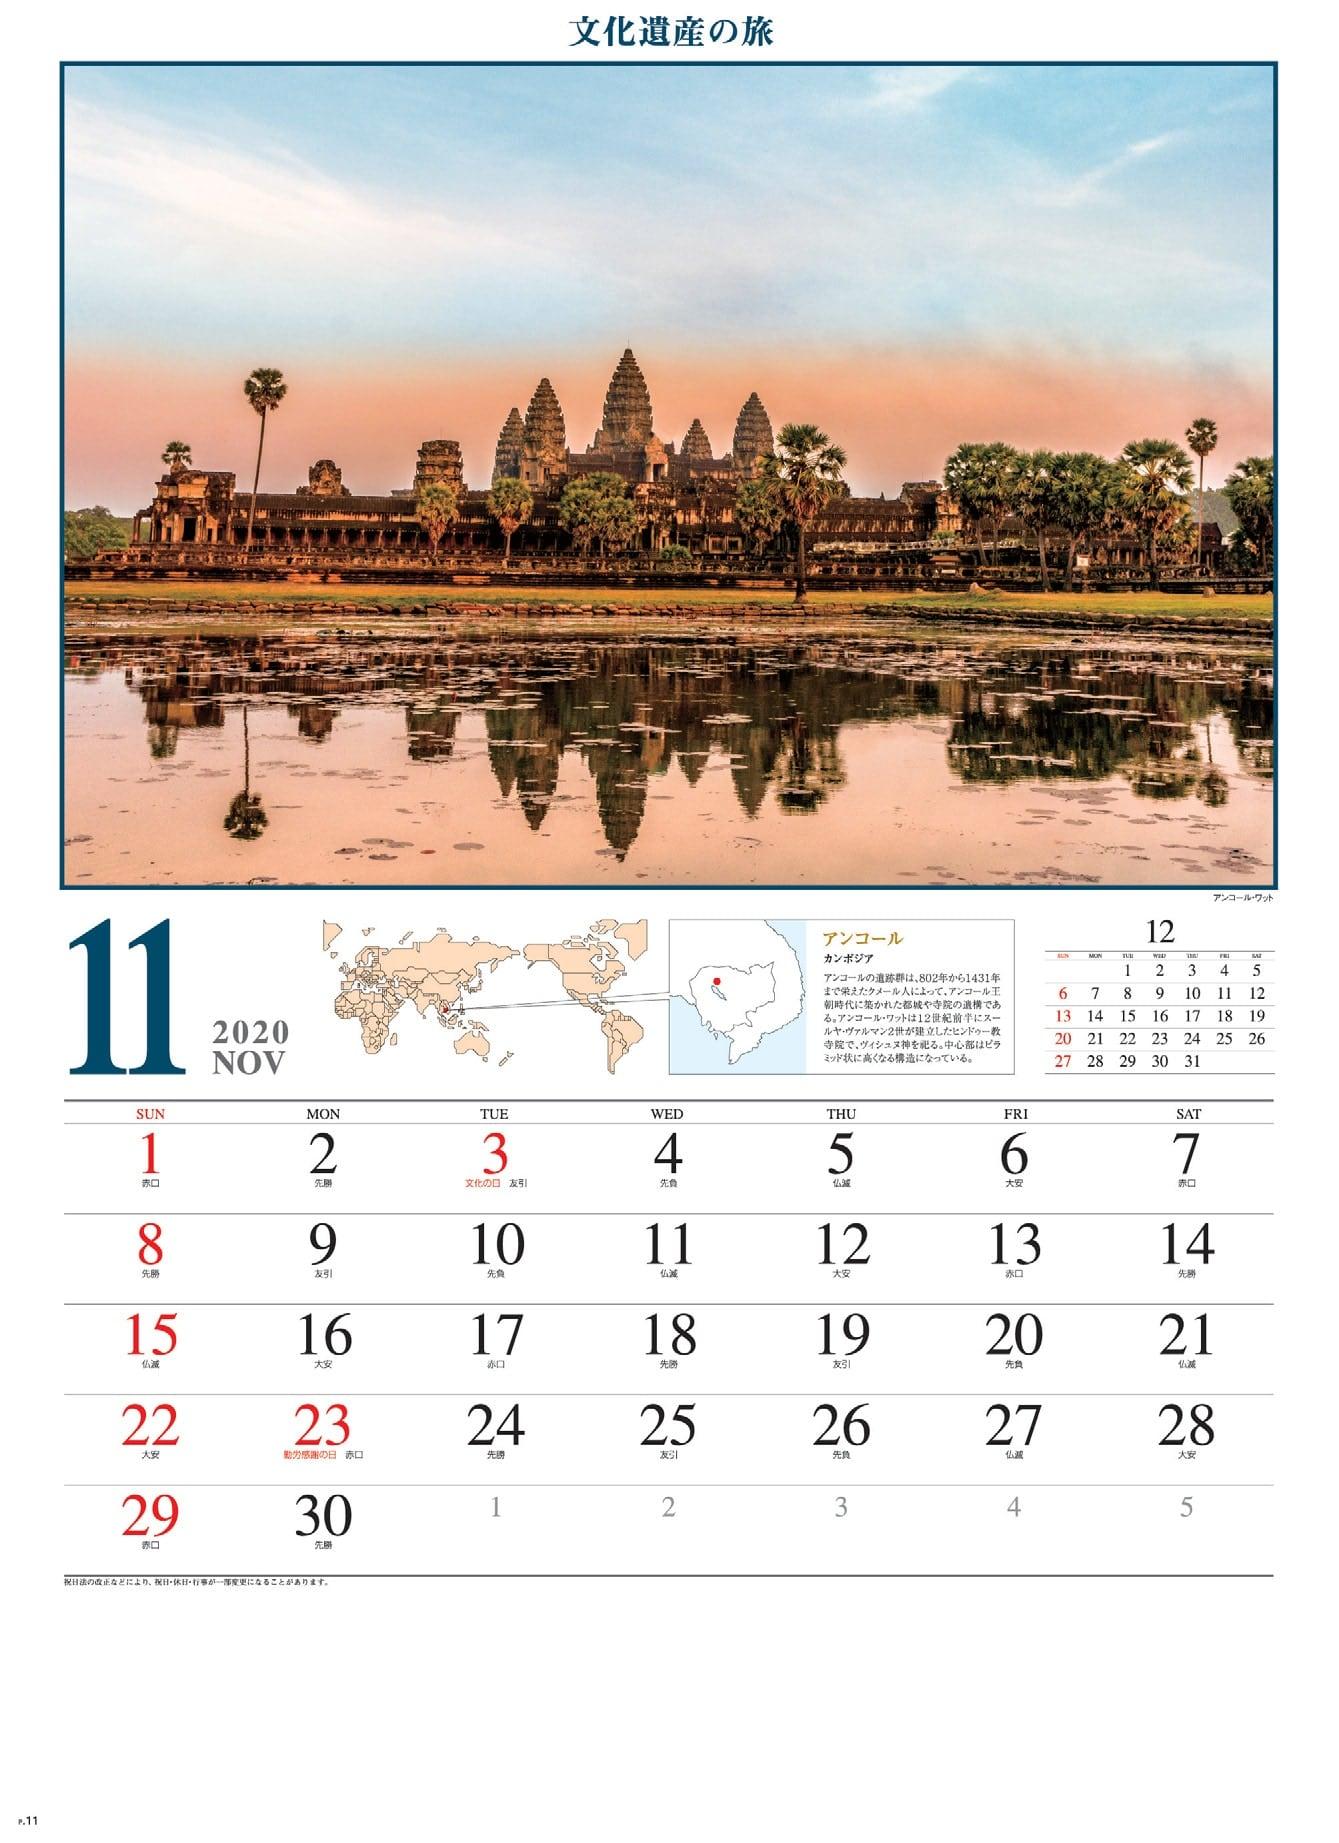 画像:アンコール・ワット(カンボジア) 文化遺産の旅(ユネスコ世界遺産) 2020年カレンダー